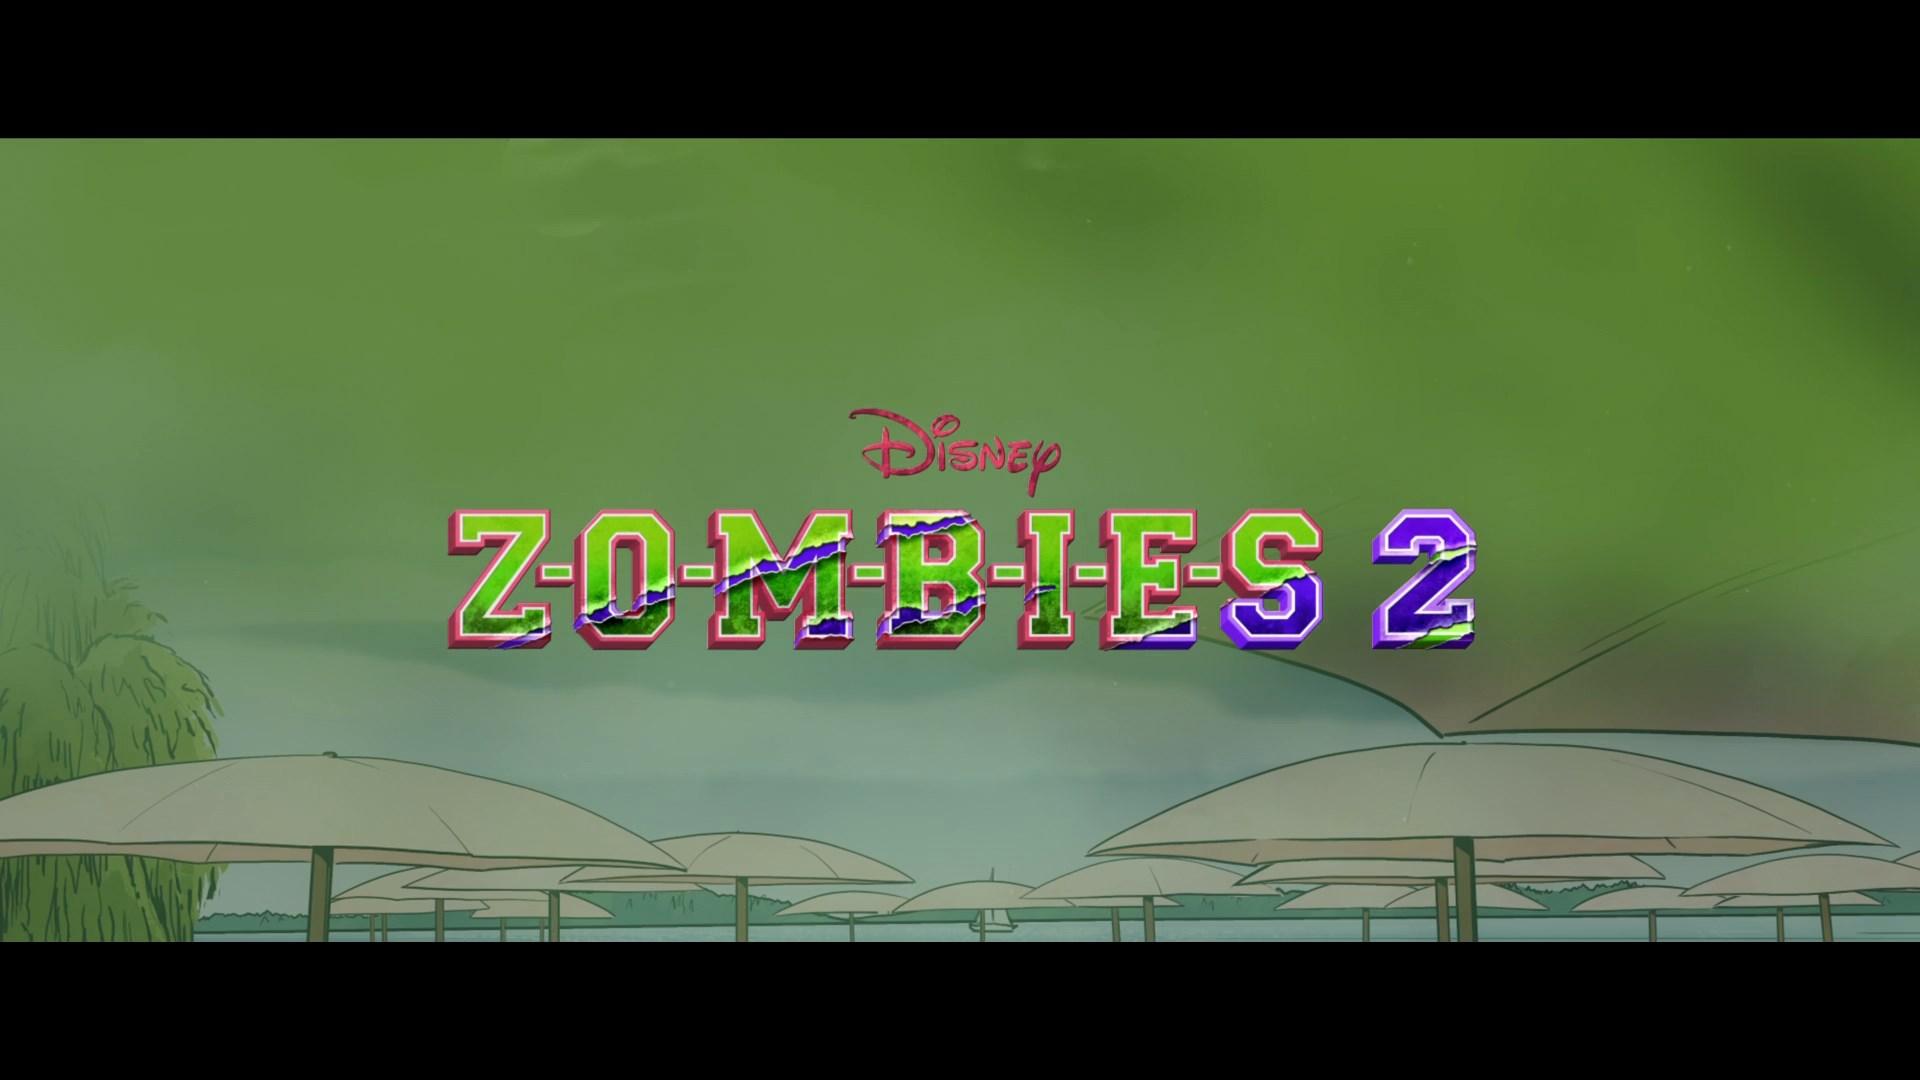 Z-O-M-B-I-E-S 2 (2020) 1080p WEB-DL Latino